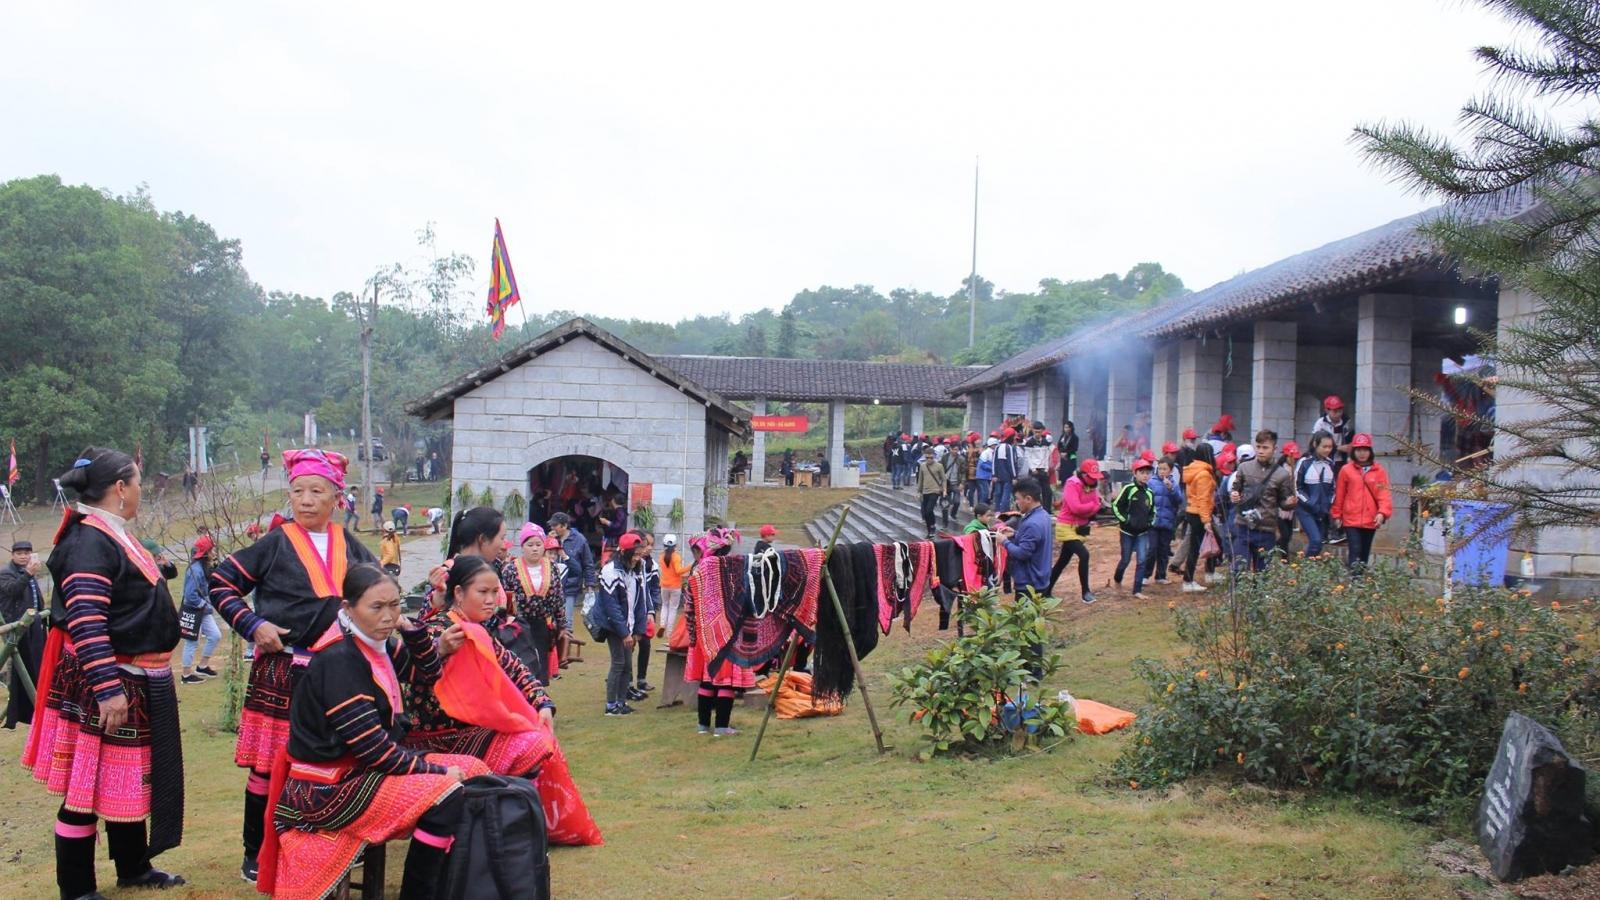 Tái hiện phiên chợ vùng cao Hoàng Su Phì tại Hà Nội